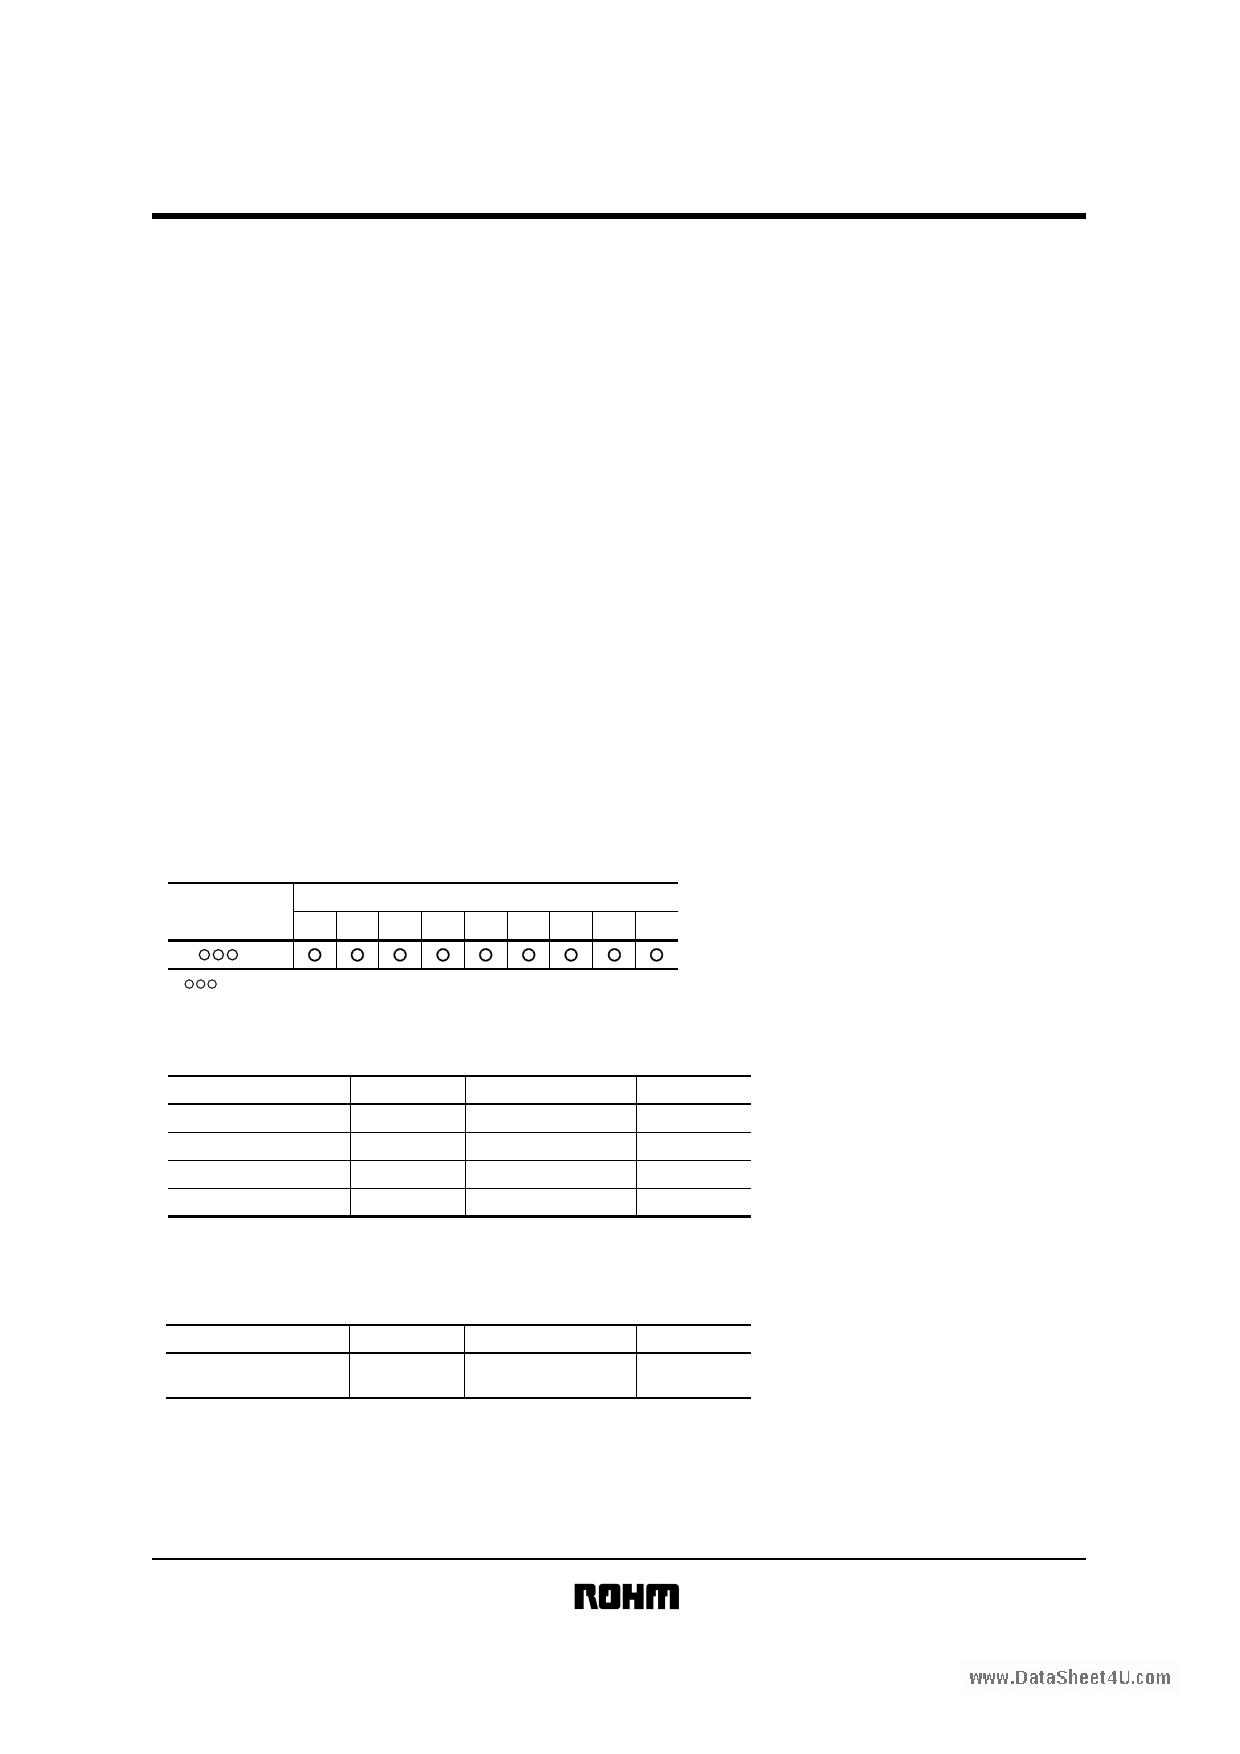 BA033LBSG datasheet